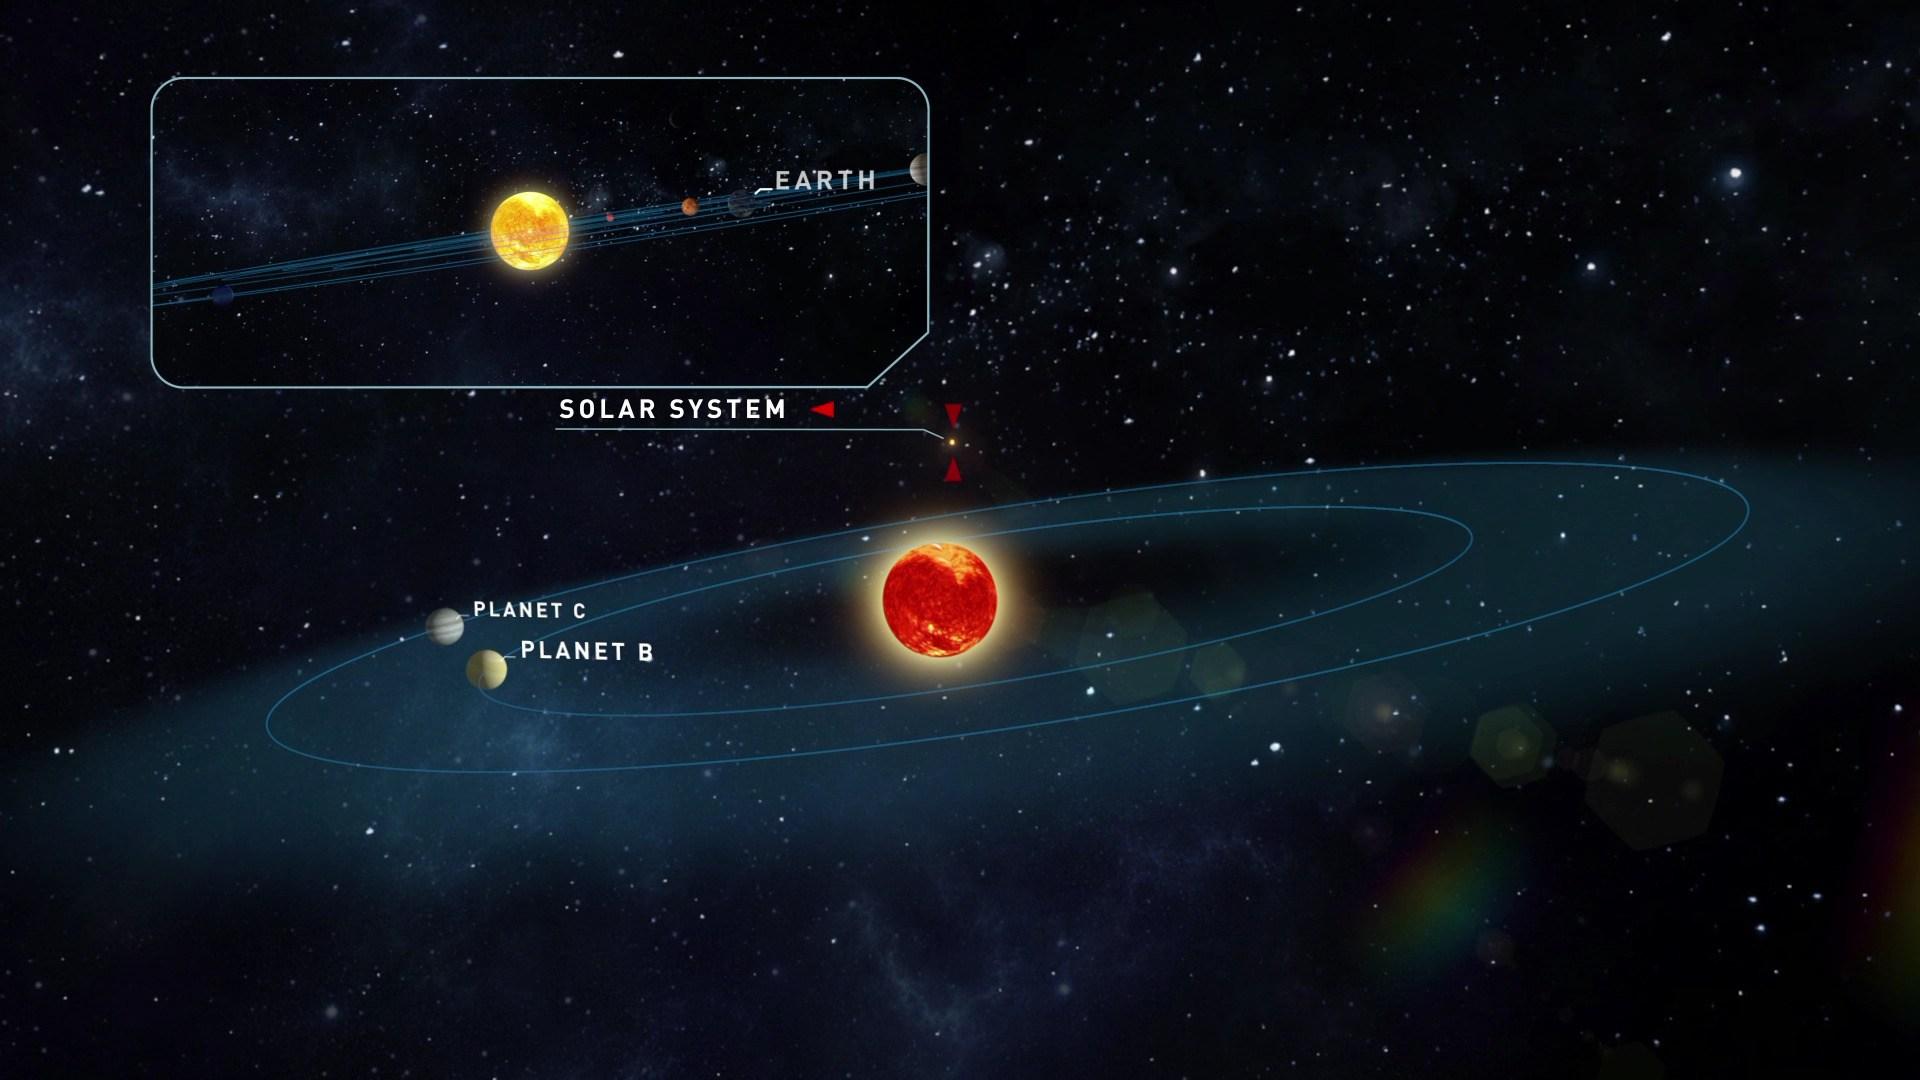 Un estudio con científicos de la UGR encuentra dos nuevos planetas de masas similares a la de la Tierra